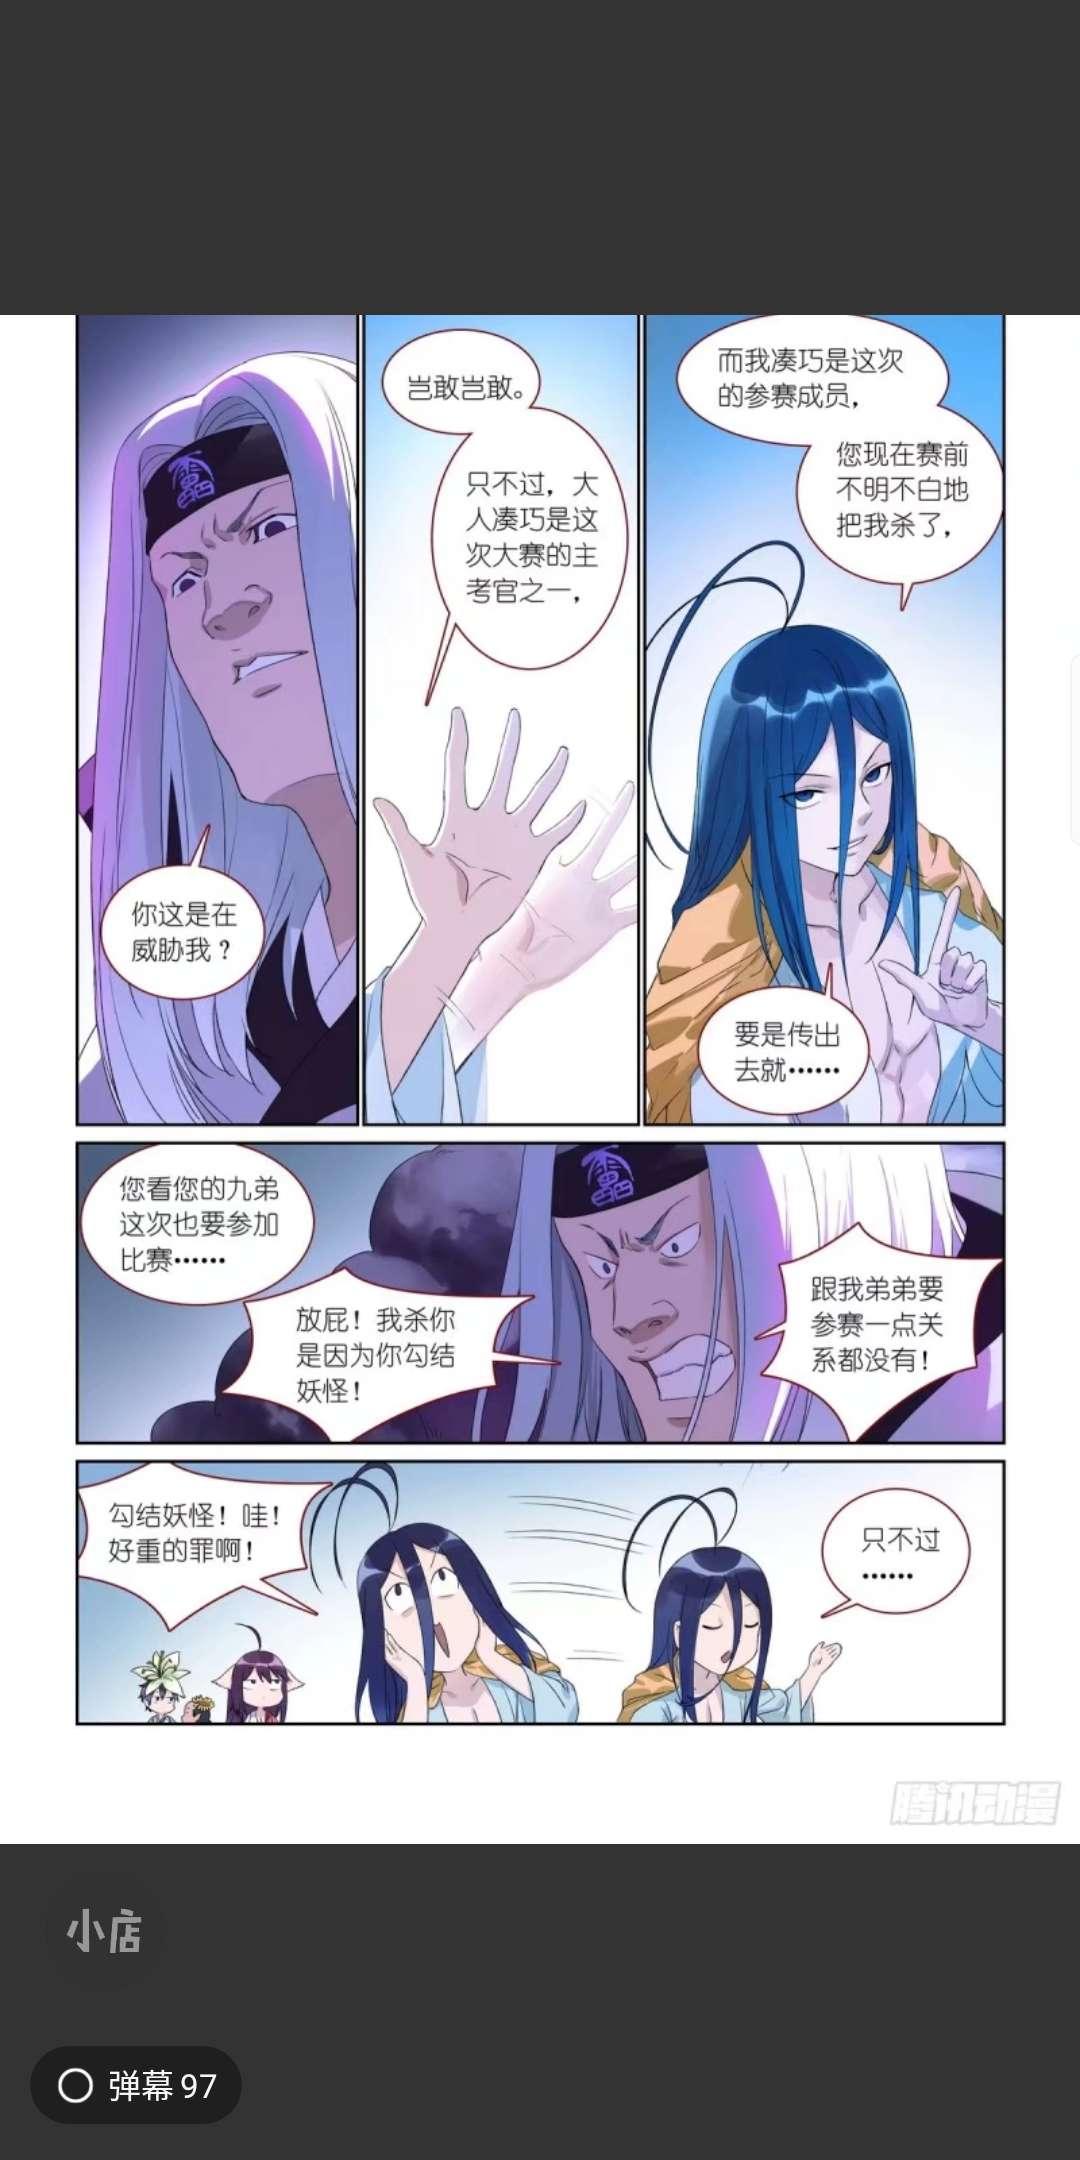 【漫画更新】狐妖小红娘502